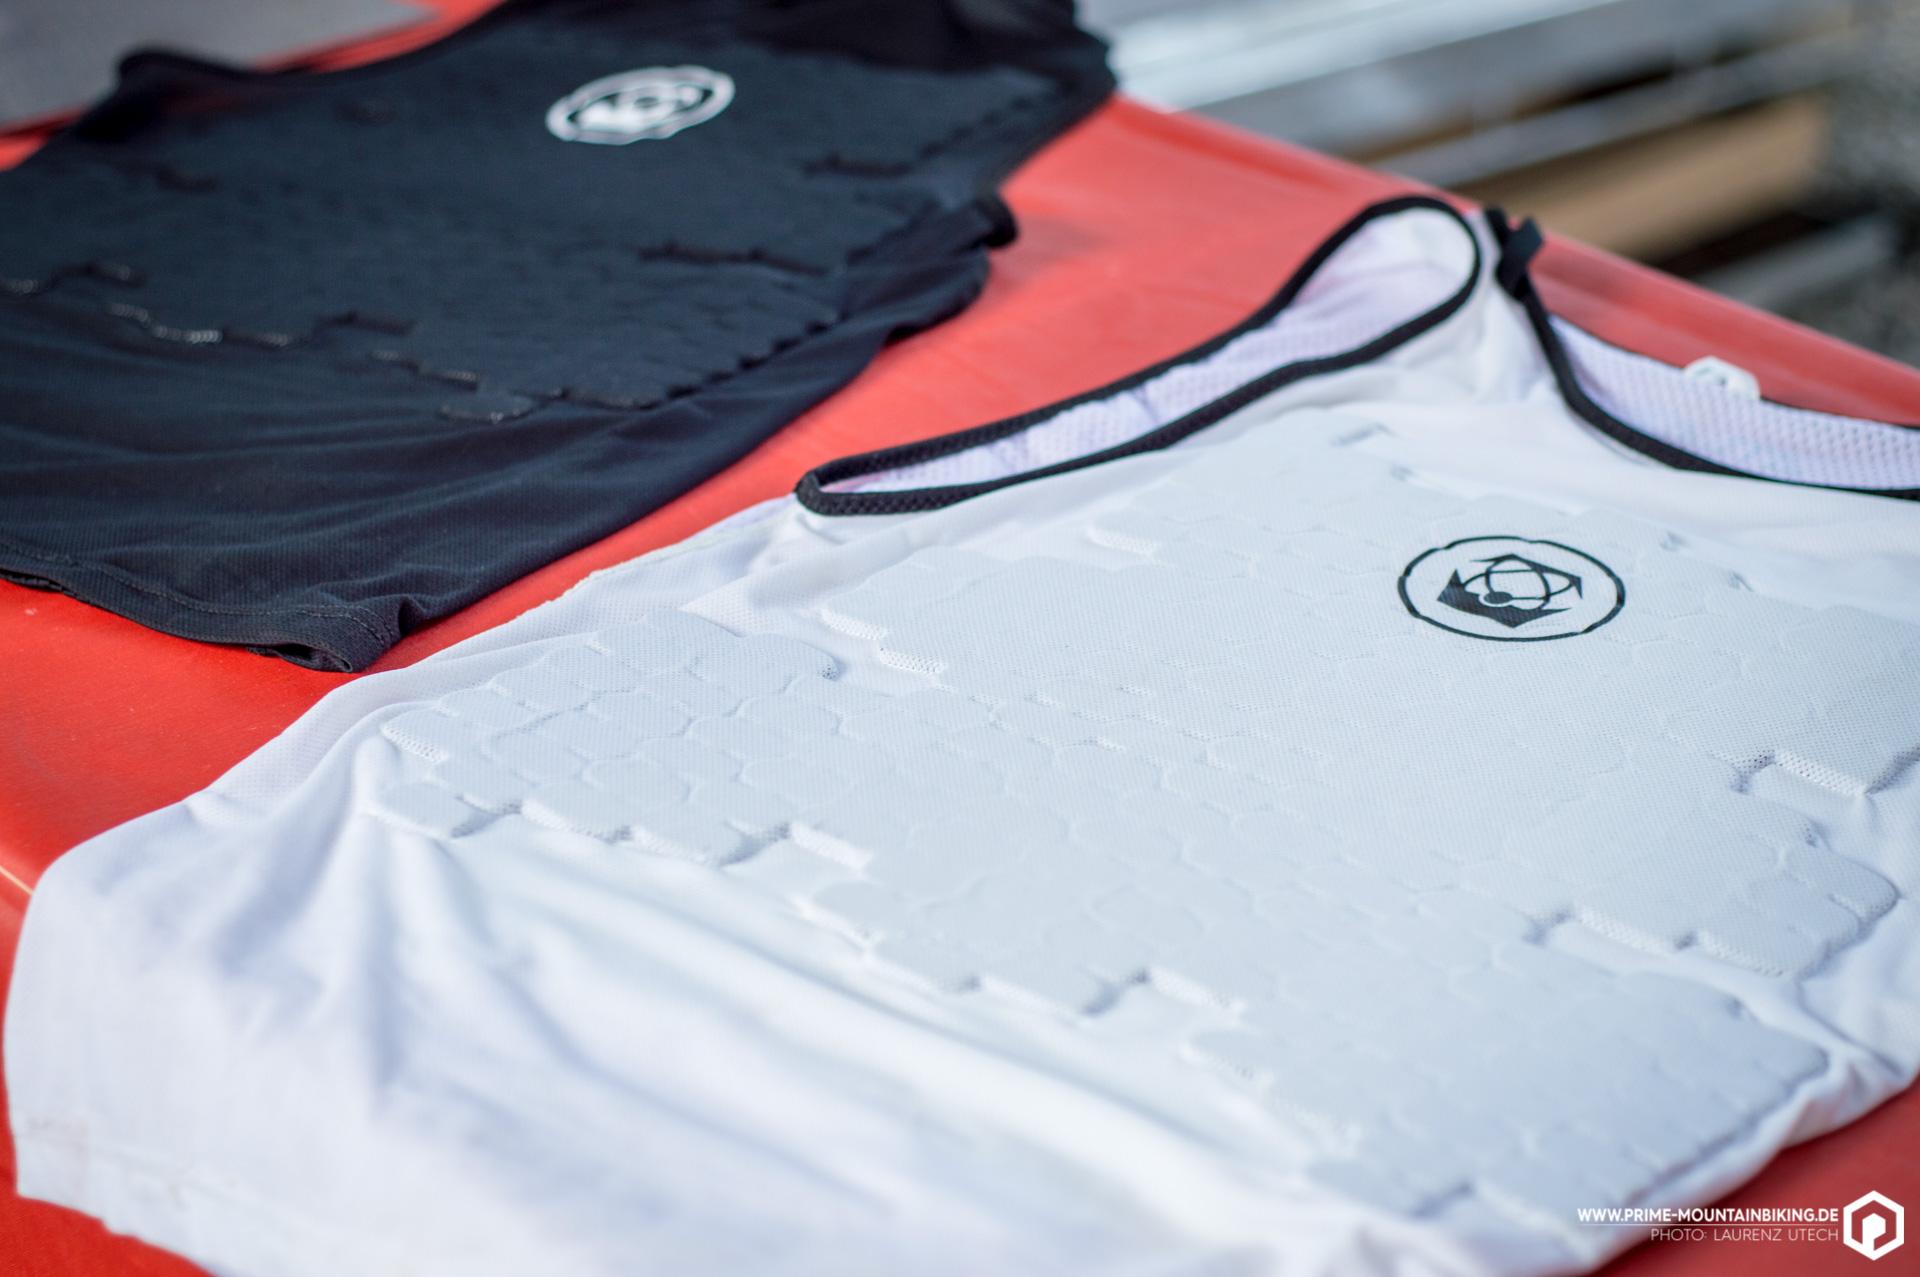 Außerdem spannend sind die minimalistischen Protektor-Shirts von Atlas, die vor allem vor Steinschlägen und Schürfwunden schützen sollen.